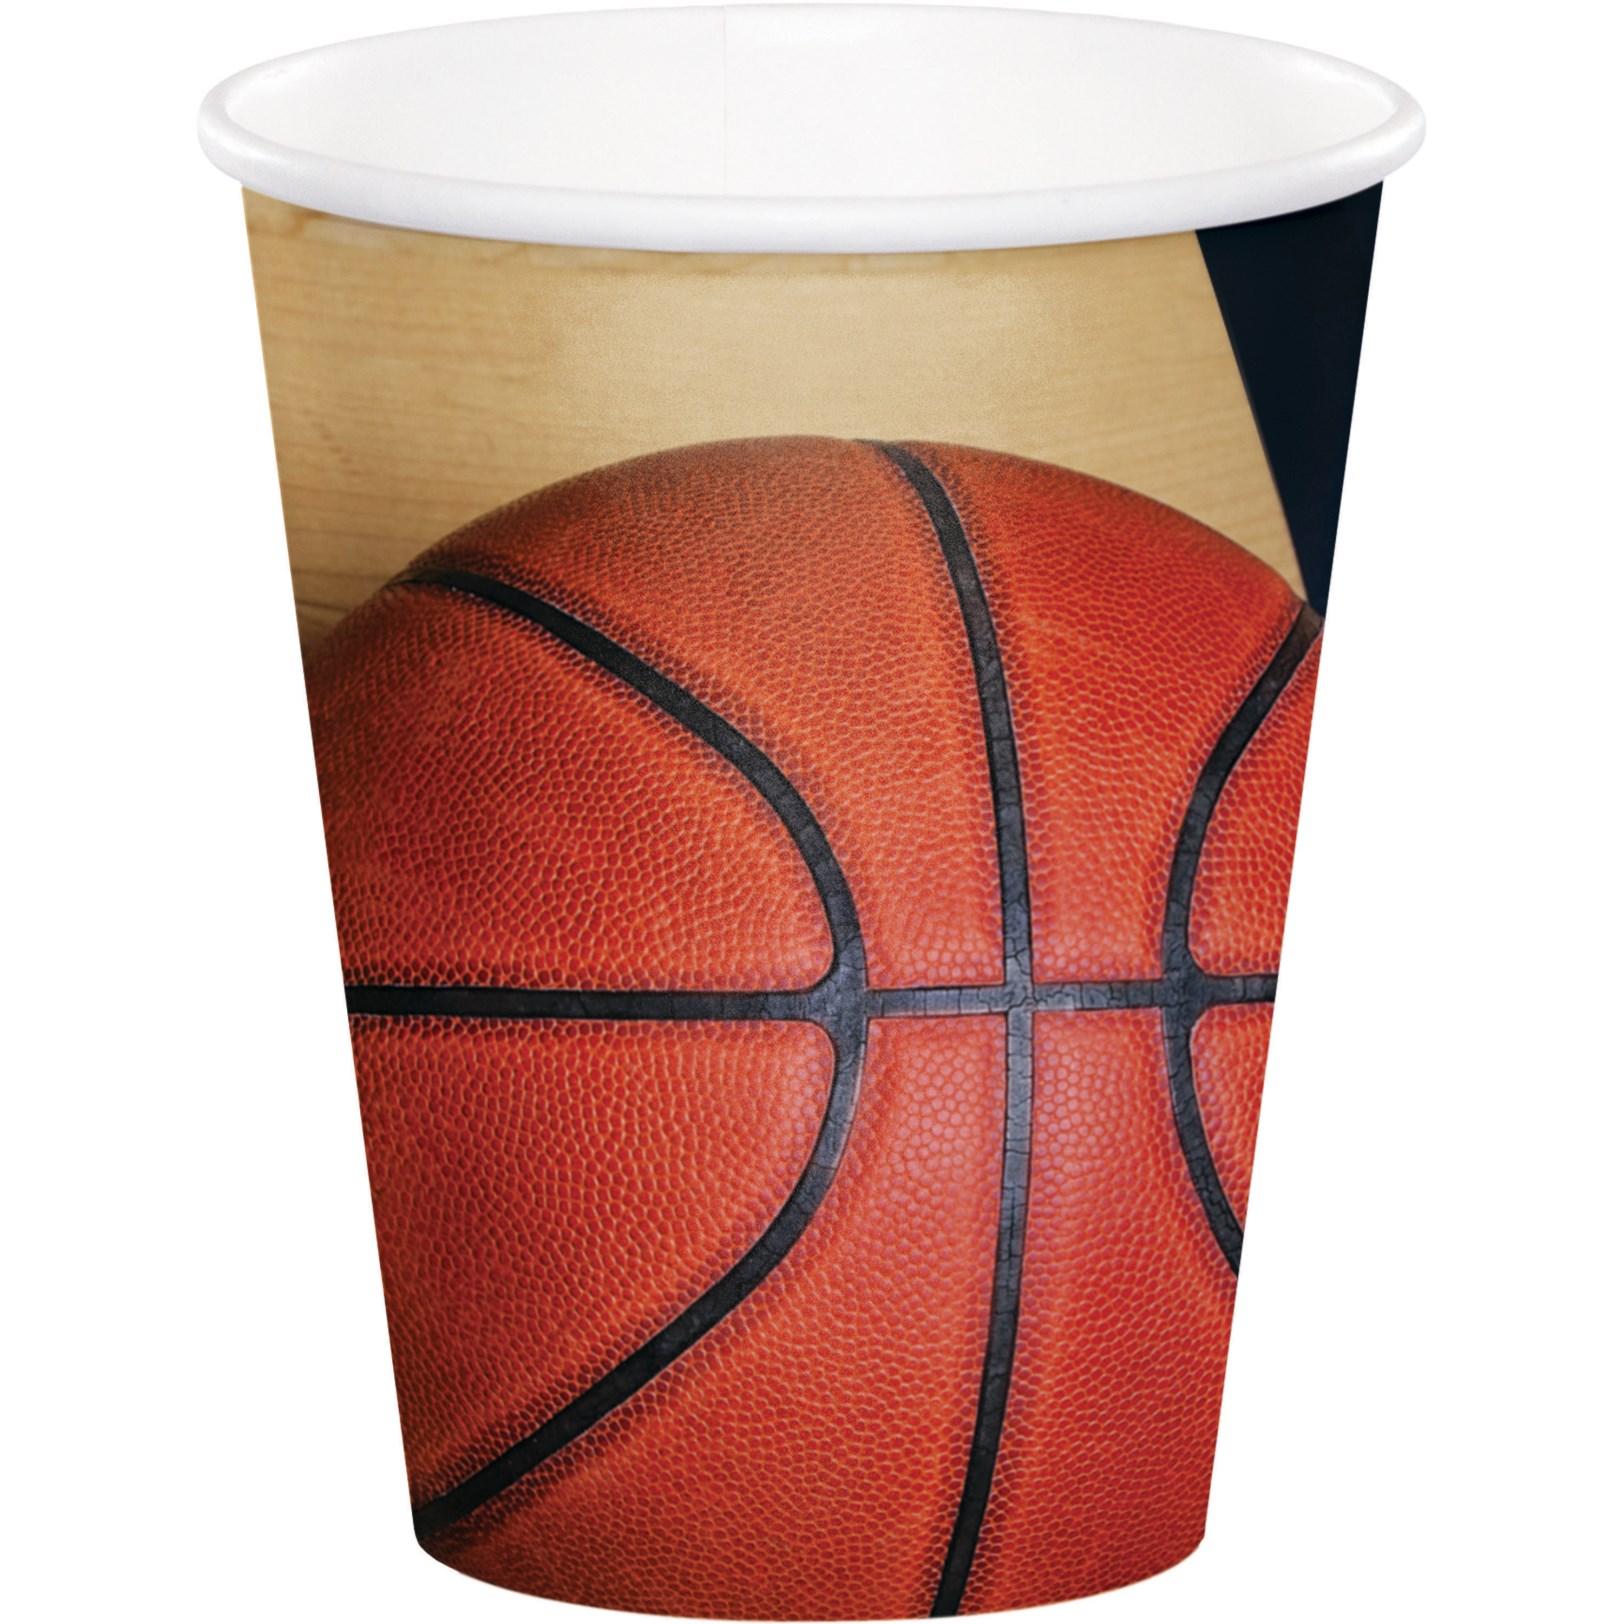 Χάρτινα Ποτήρια Μπάσκετ 200ml – 8 Τεμάχια